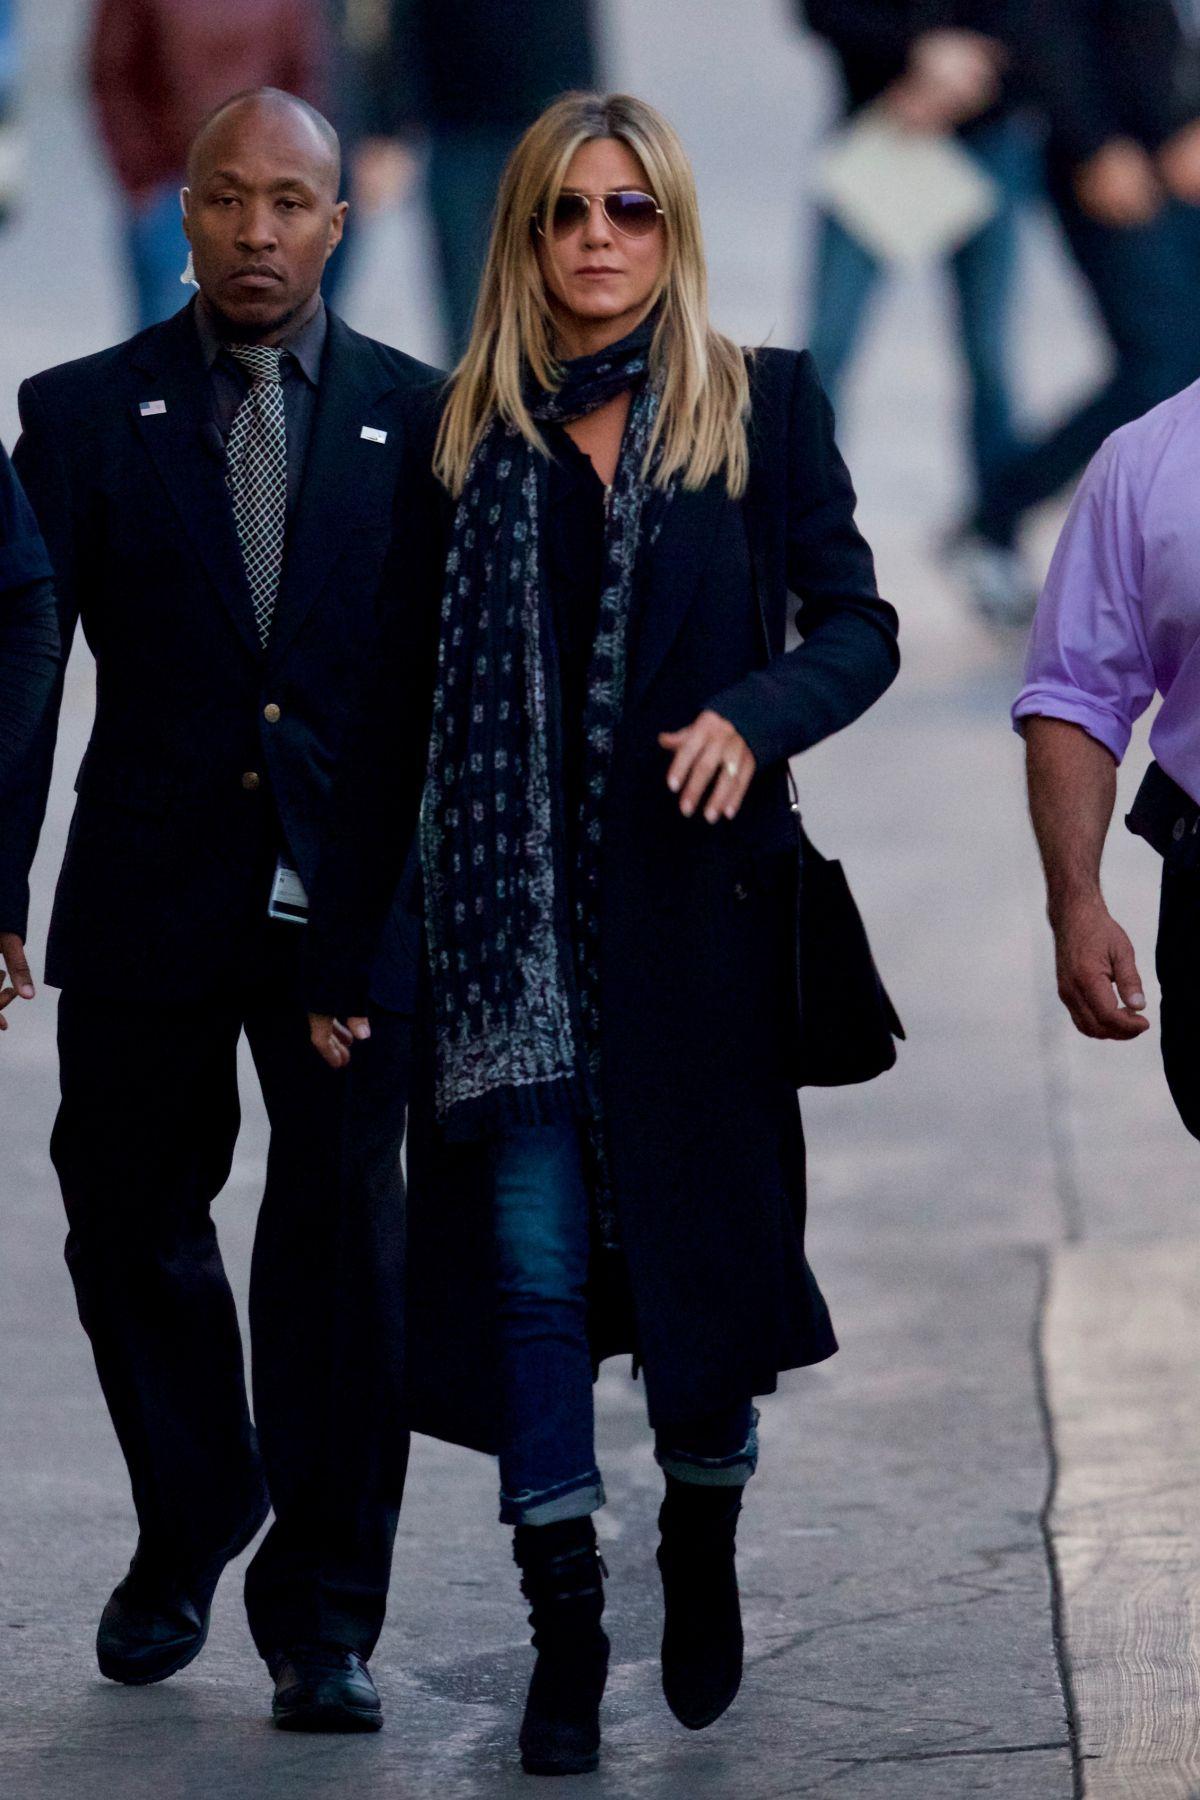 JENNIFER ANISTON Arrives at Jimmy Kimmel Live in Hollywood 12/08/2016   jennifer-aniston-arrives-at-jimmy-kimmel-live-in-hollywood-12-08-2016_7